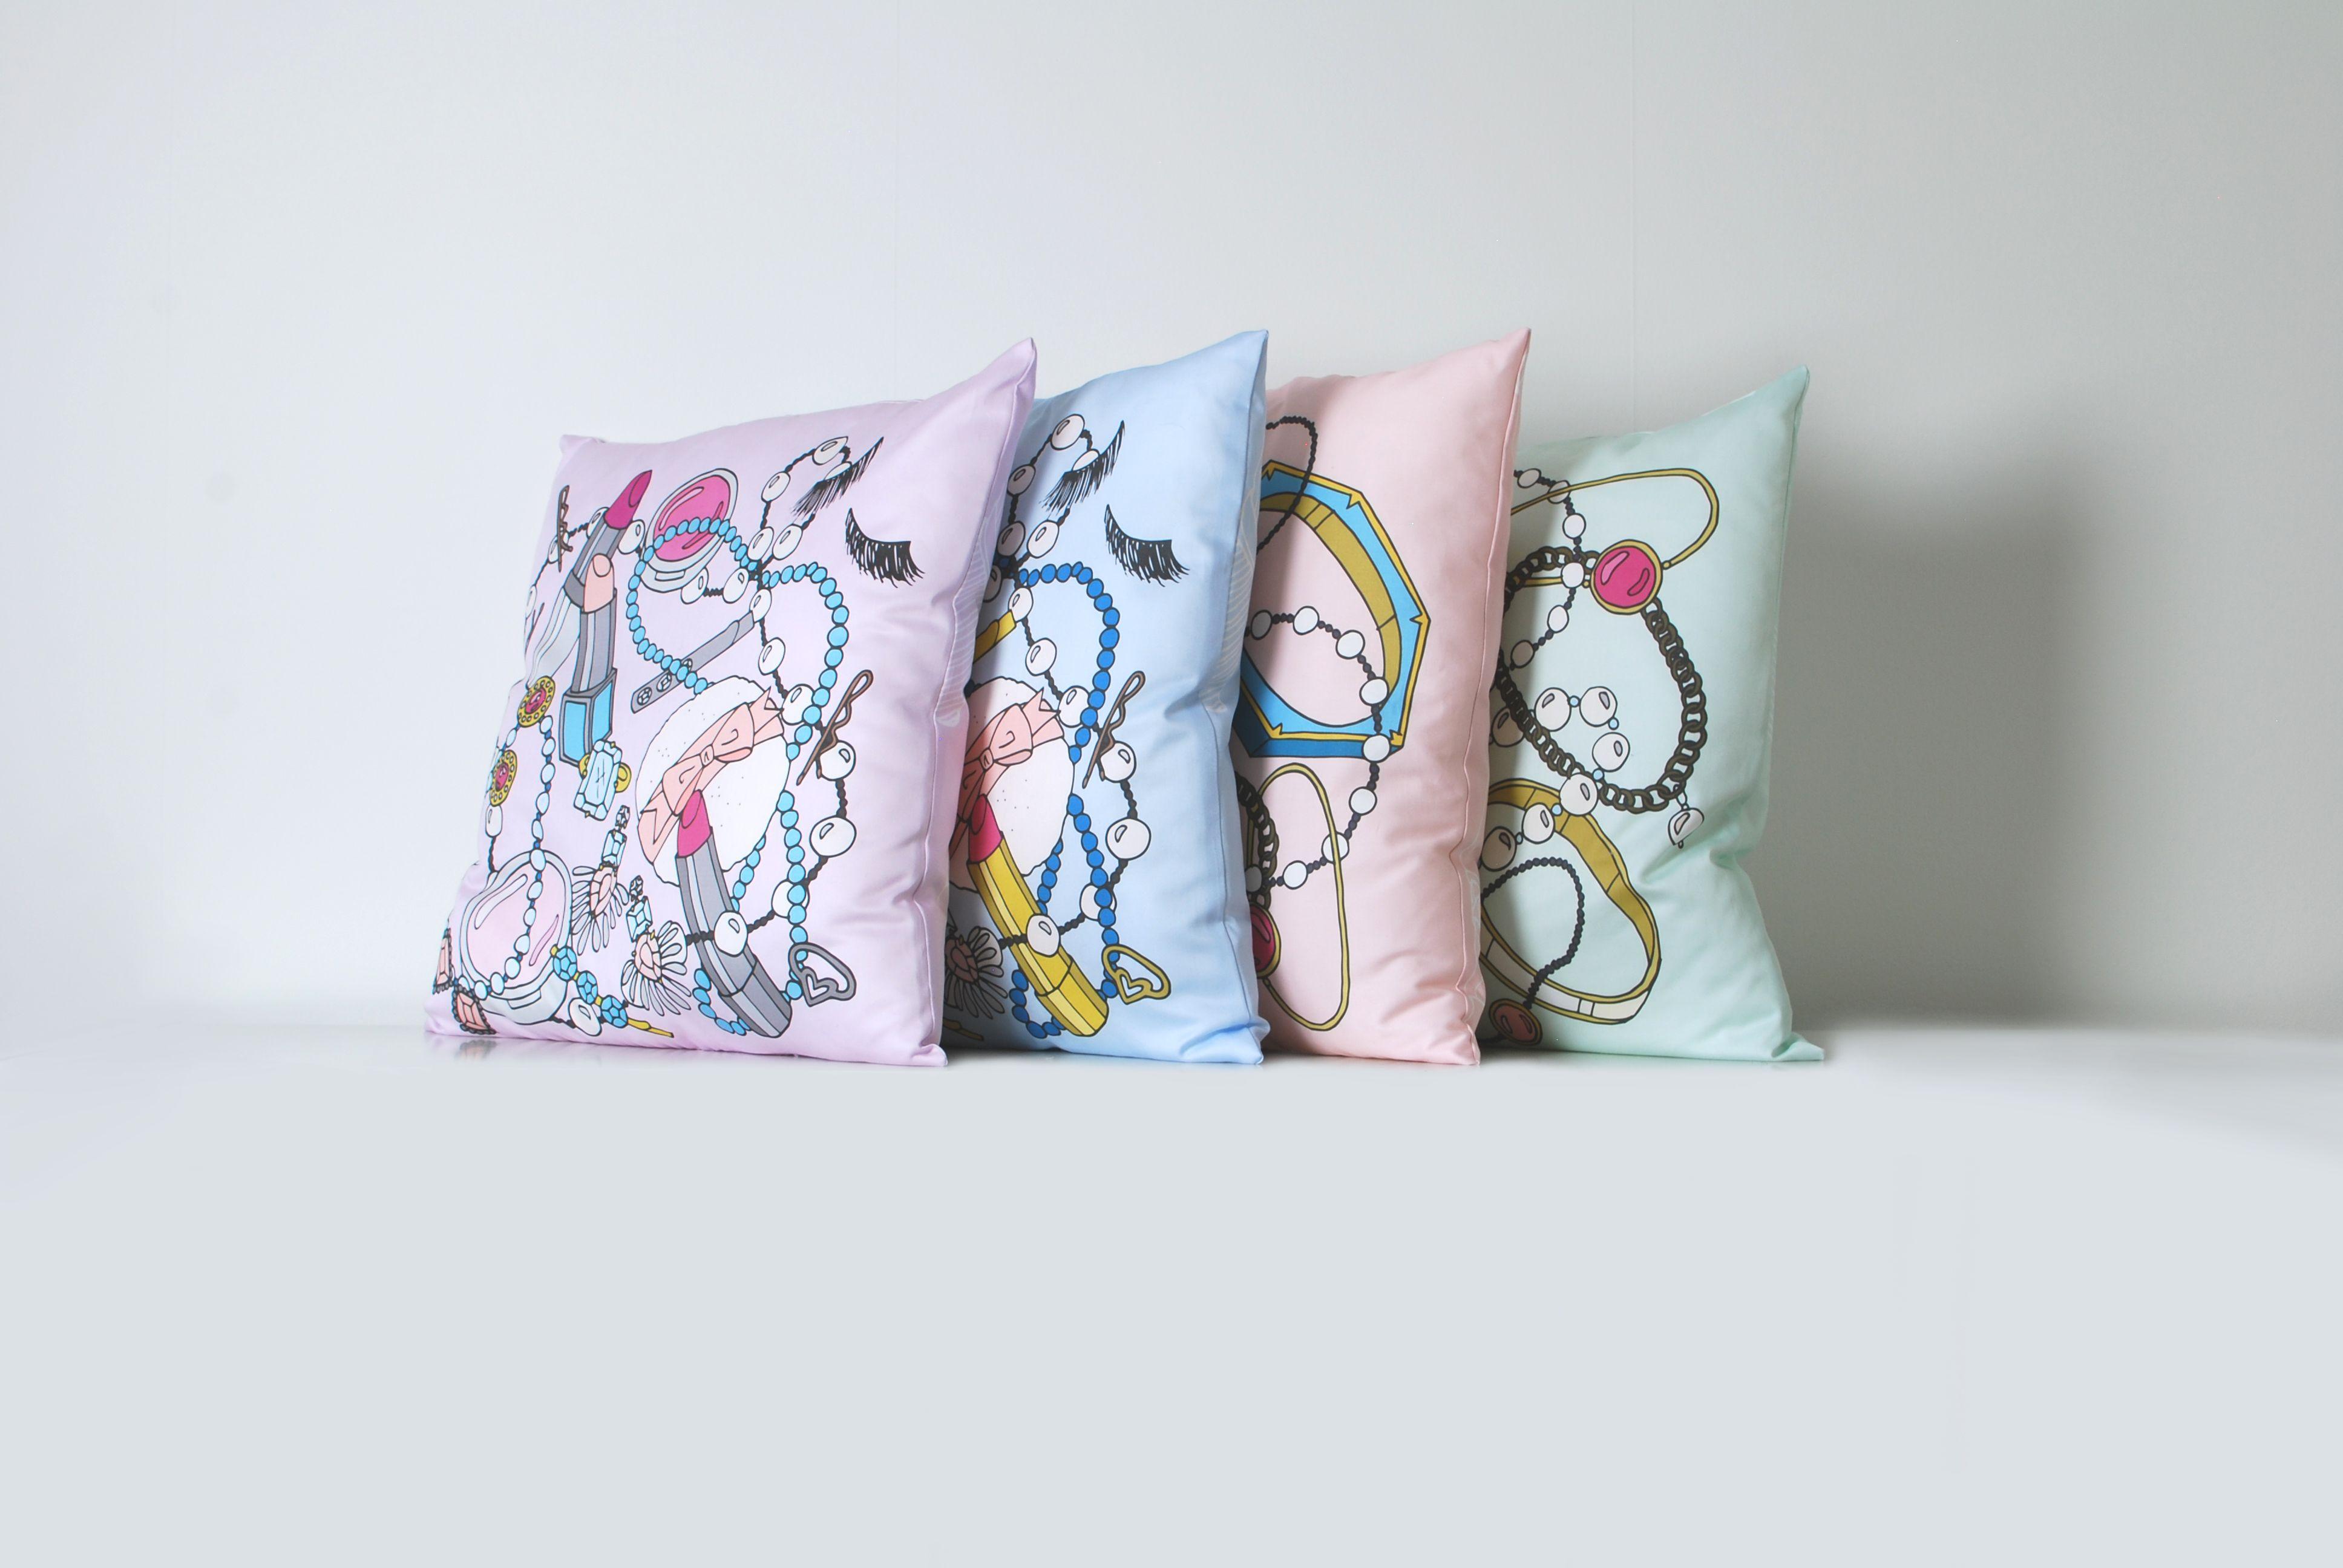 EmmaKisstina pillows launching Spring 2015.